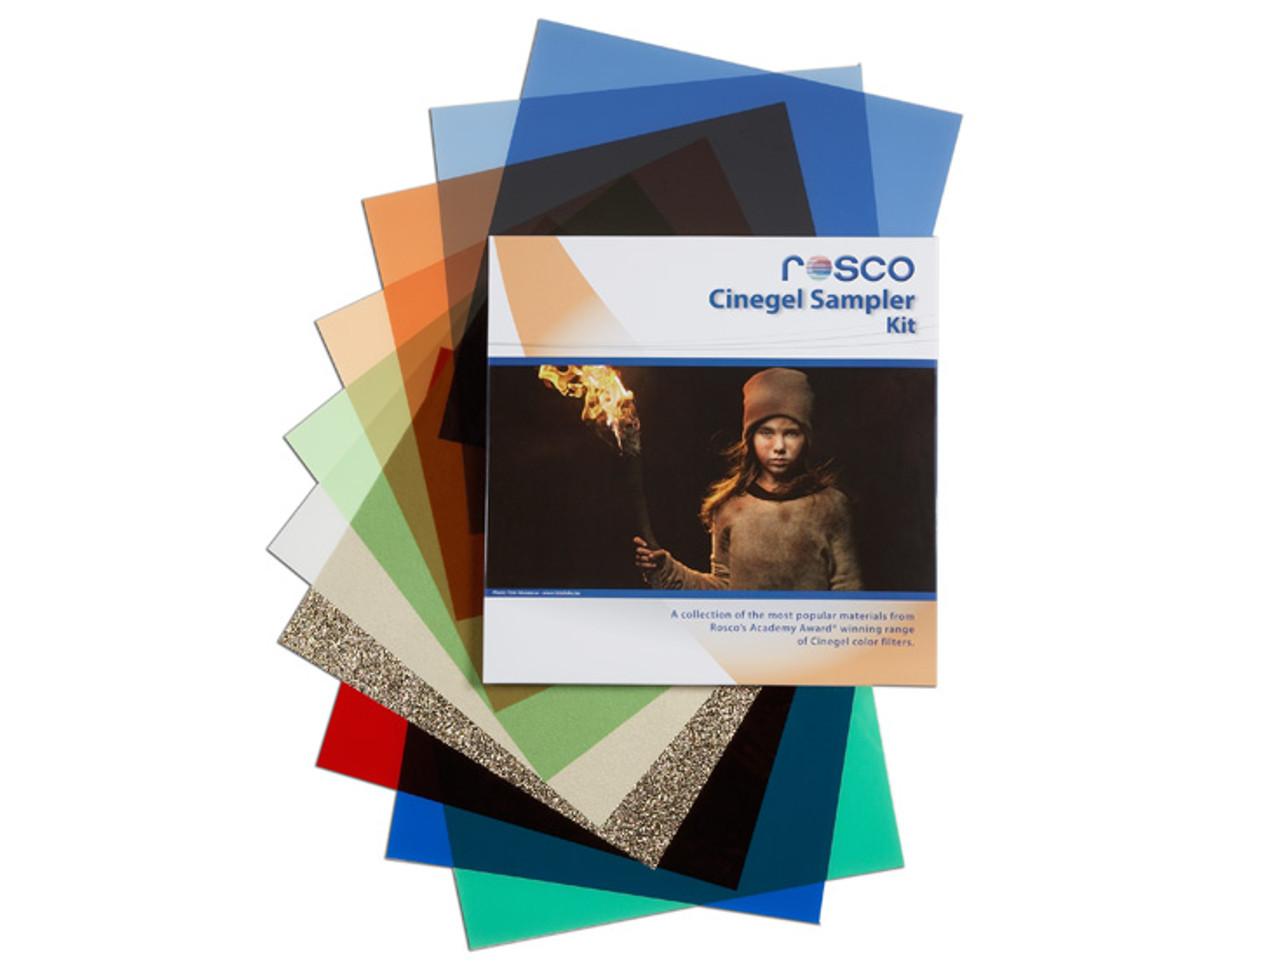 Rosco Cinegel Sampler Kit, Gels